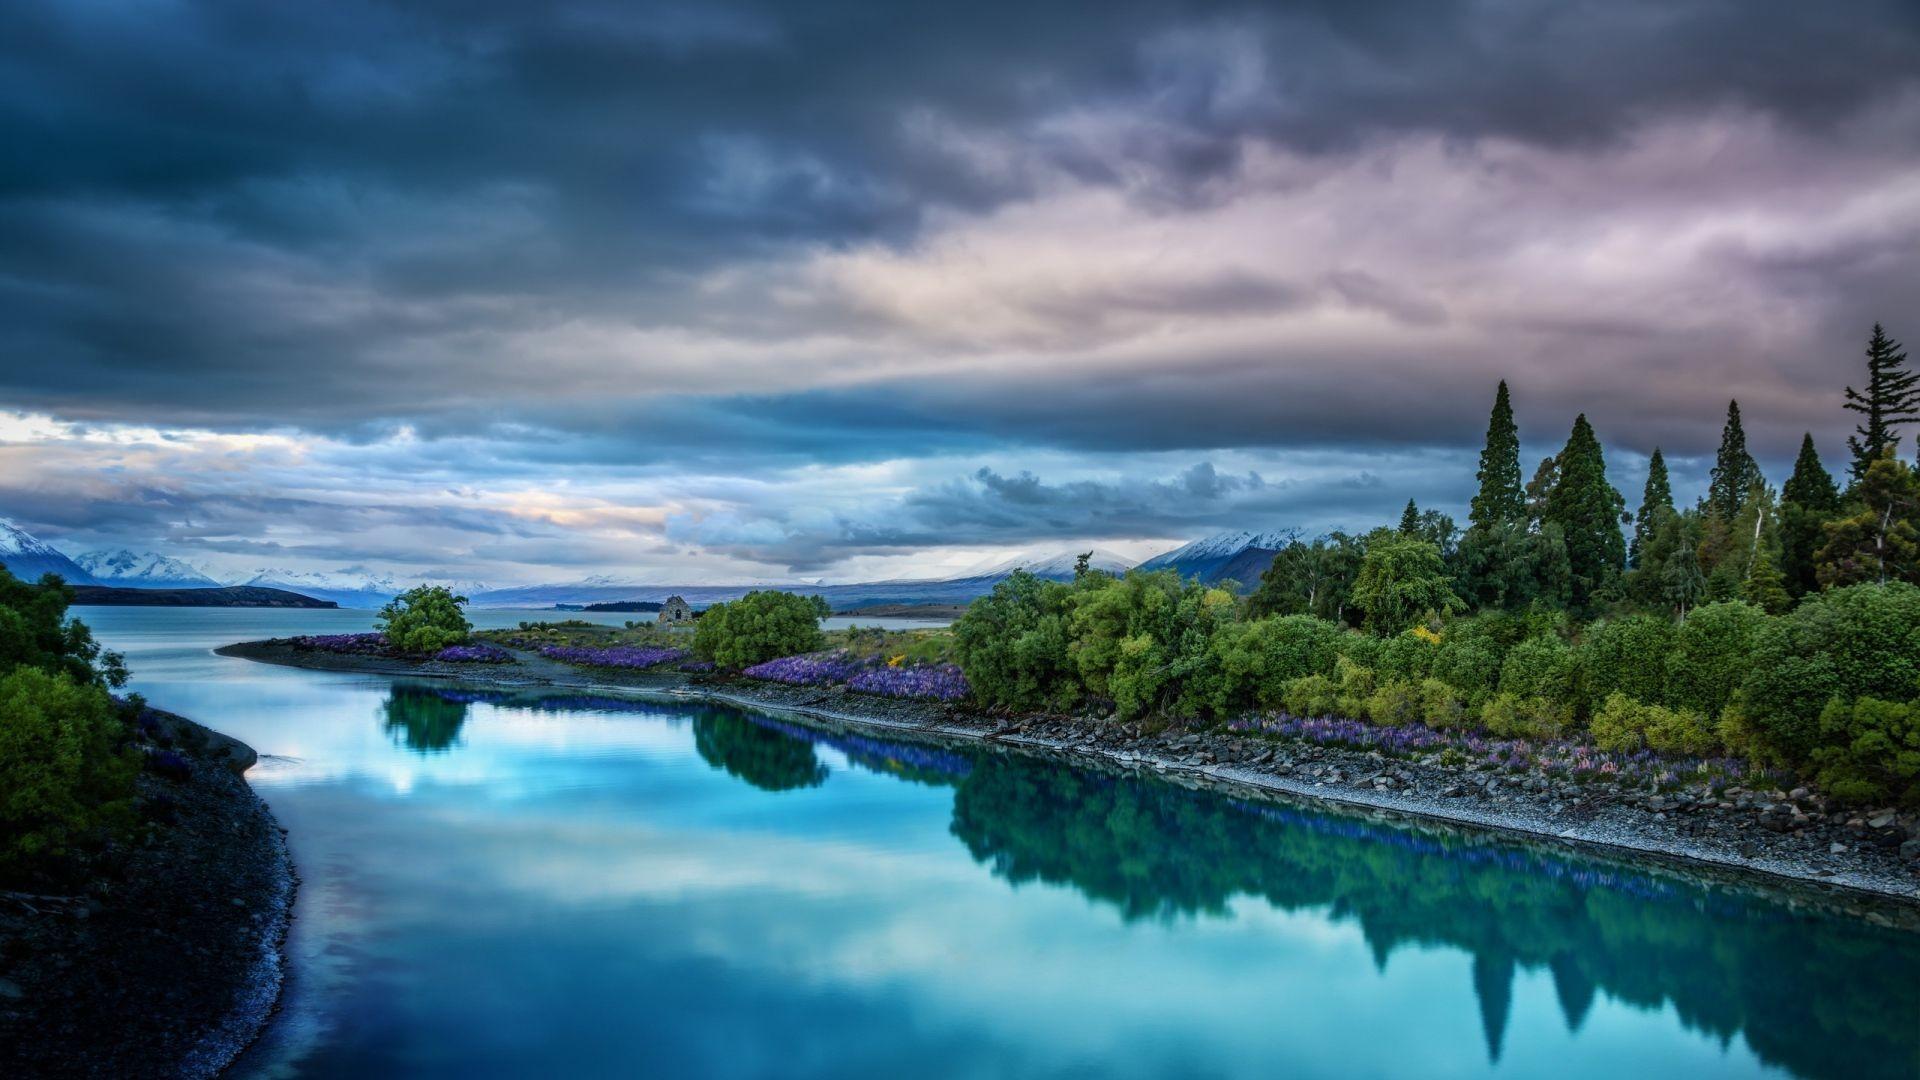 Landscape Hd Wallpapers 1080p 81 Images